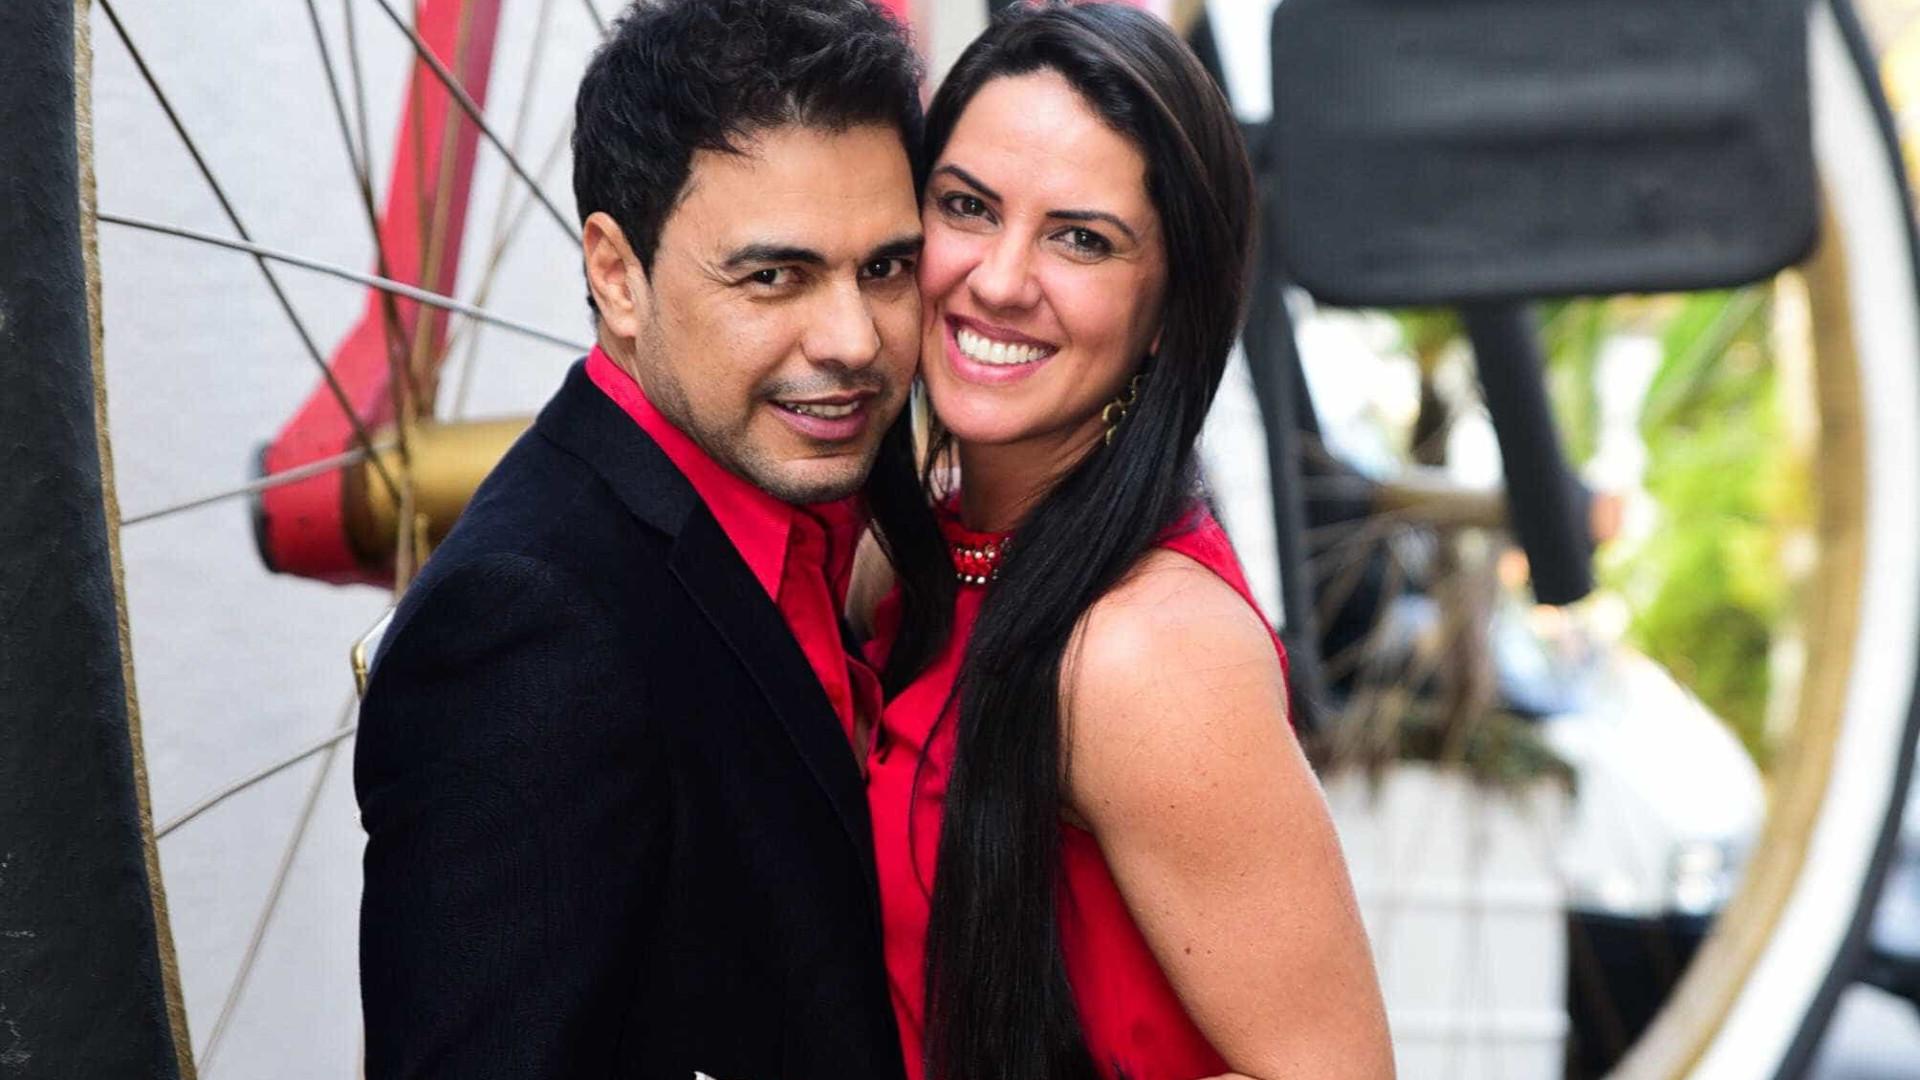 Noiva de quadrilha junina, Graciele diz que está 'oficialmente casada'